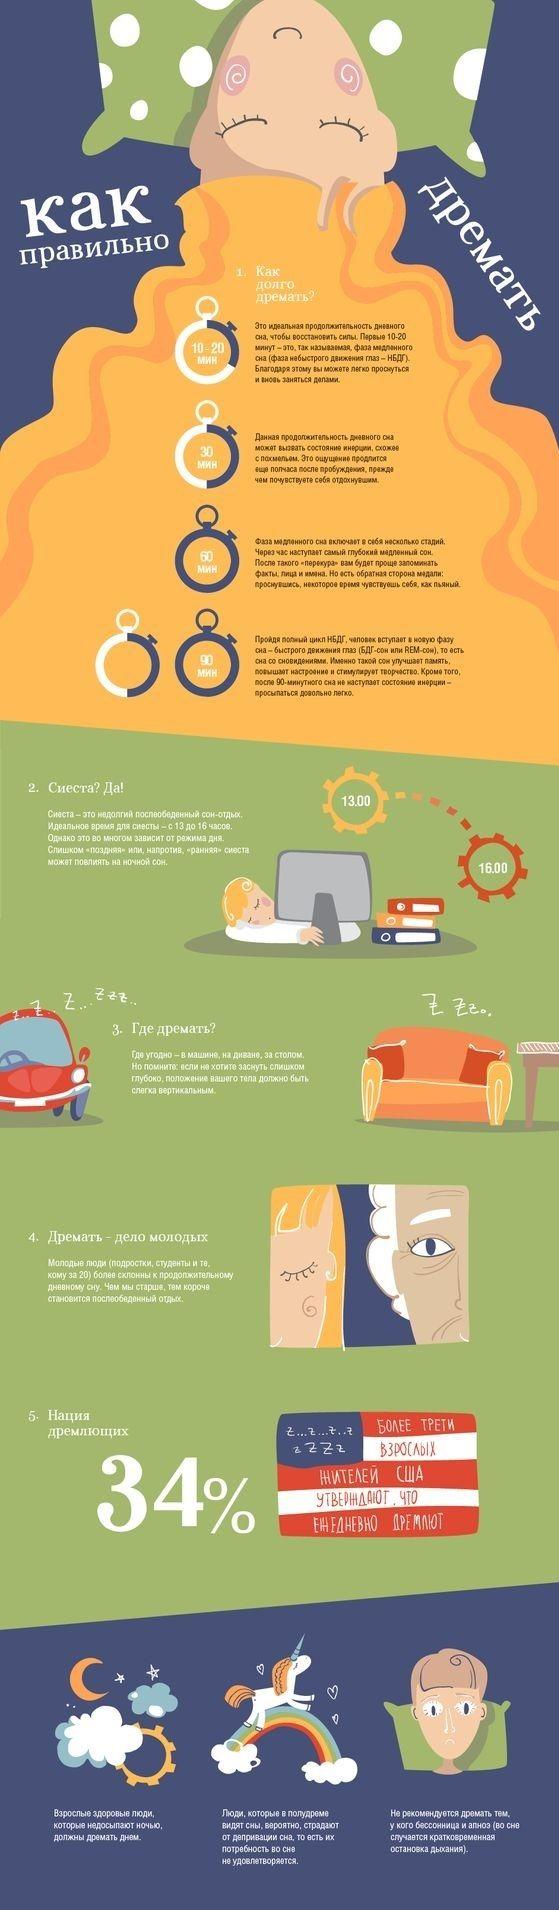 Как правильно дремать инфографика, сон, дремота, длиннопост